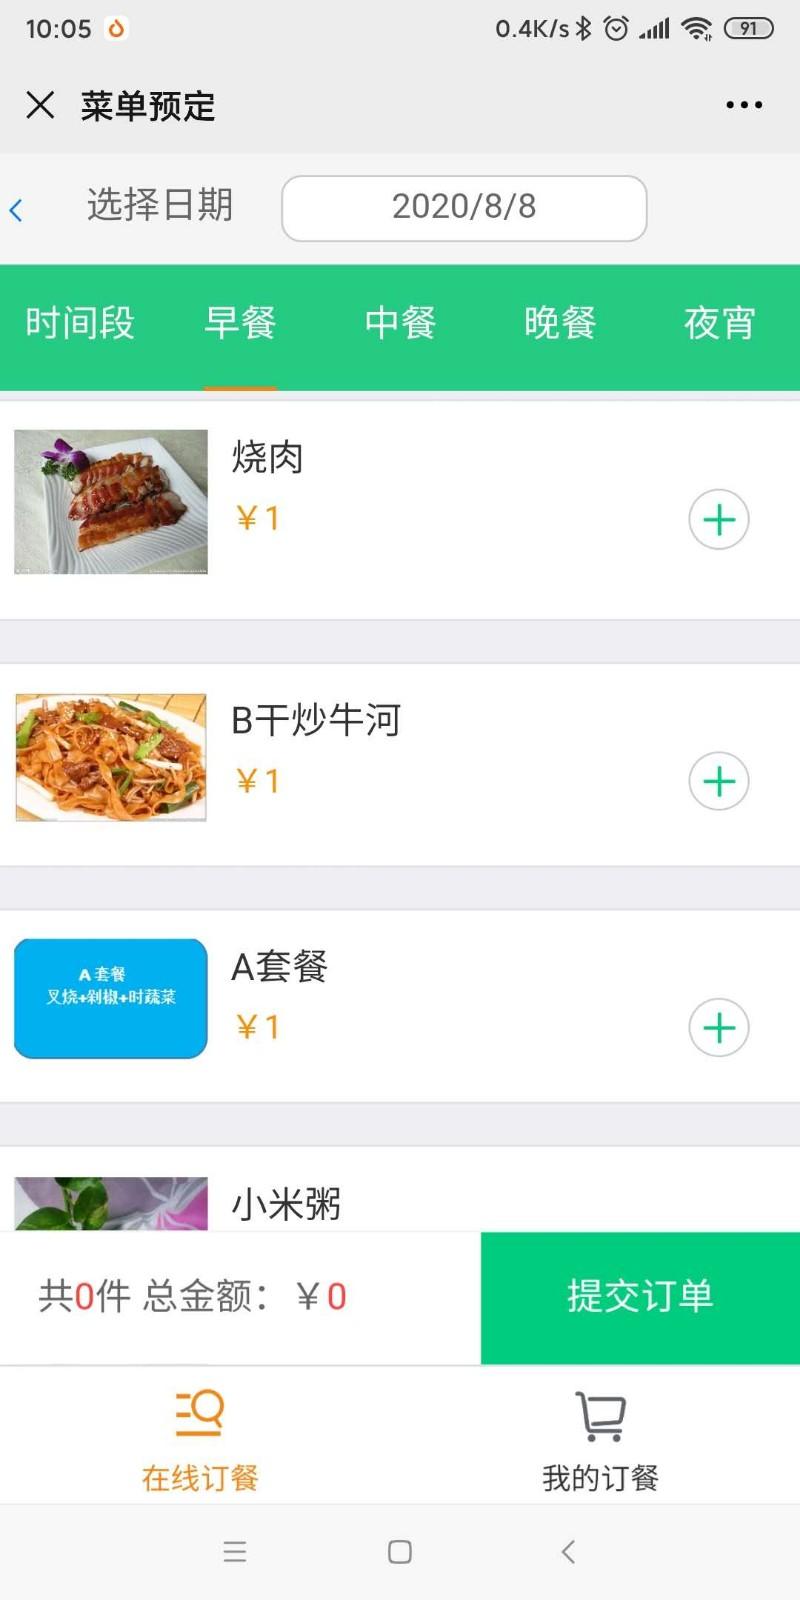 食堂微信订餐系统专家,北京江望科技支持功能开发,安全稳定